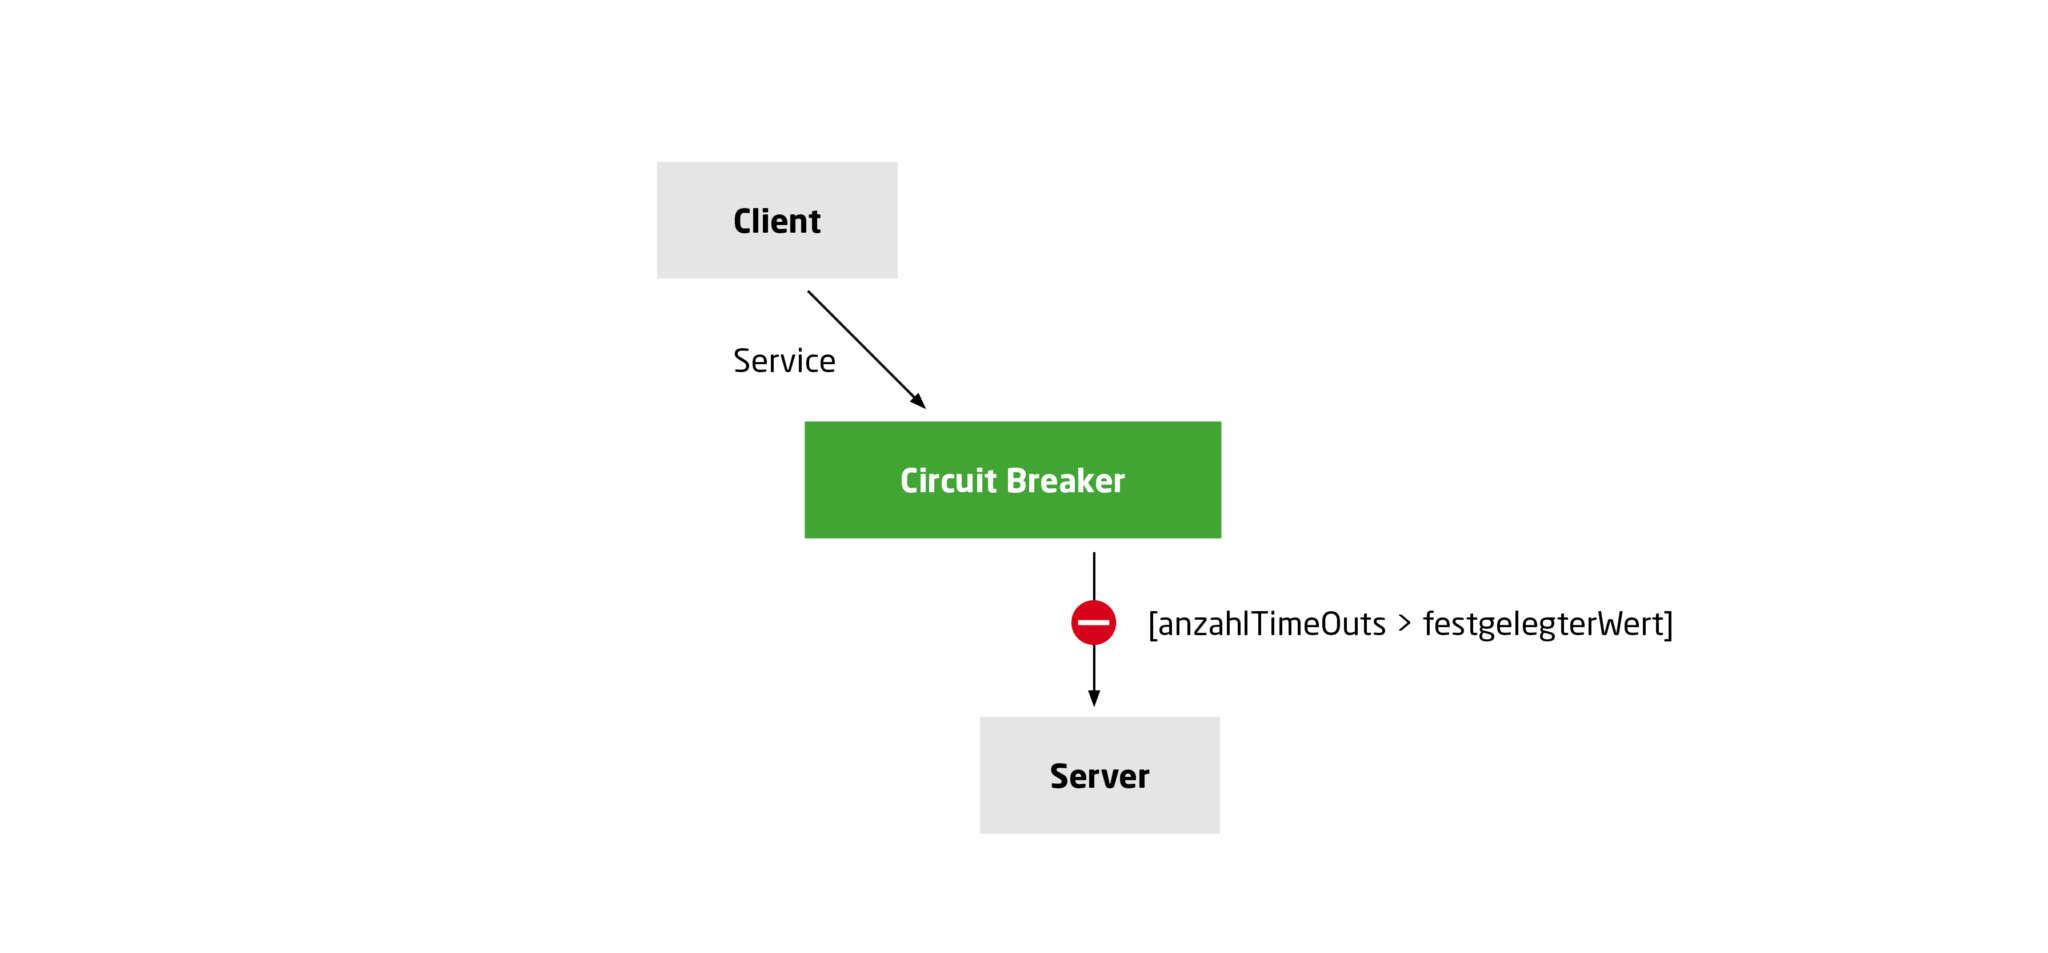 Hohe Last – Server wird geschütz (Sicherung ausgelöst)